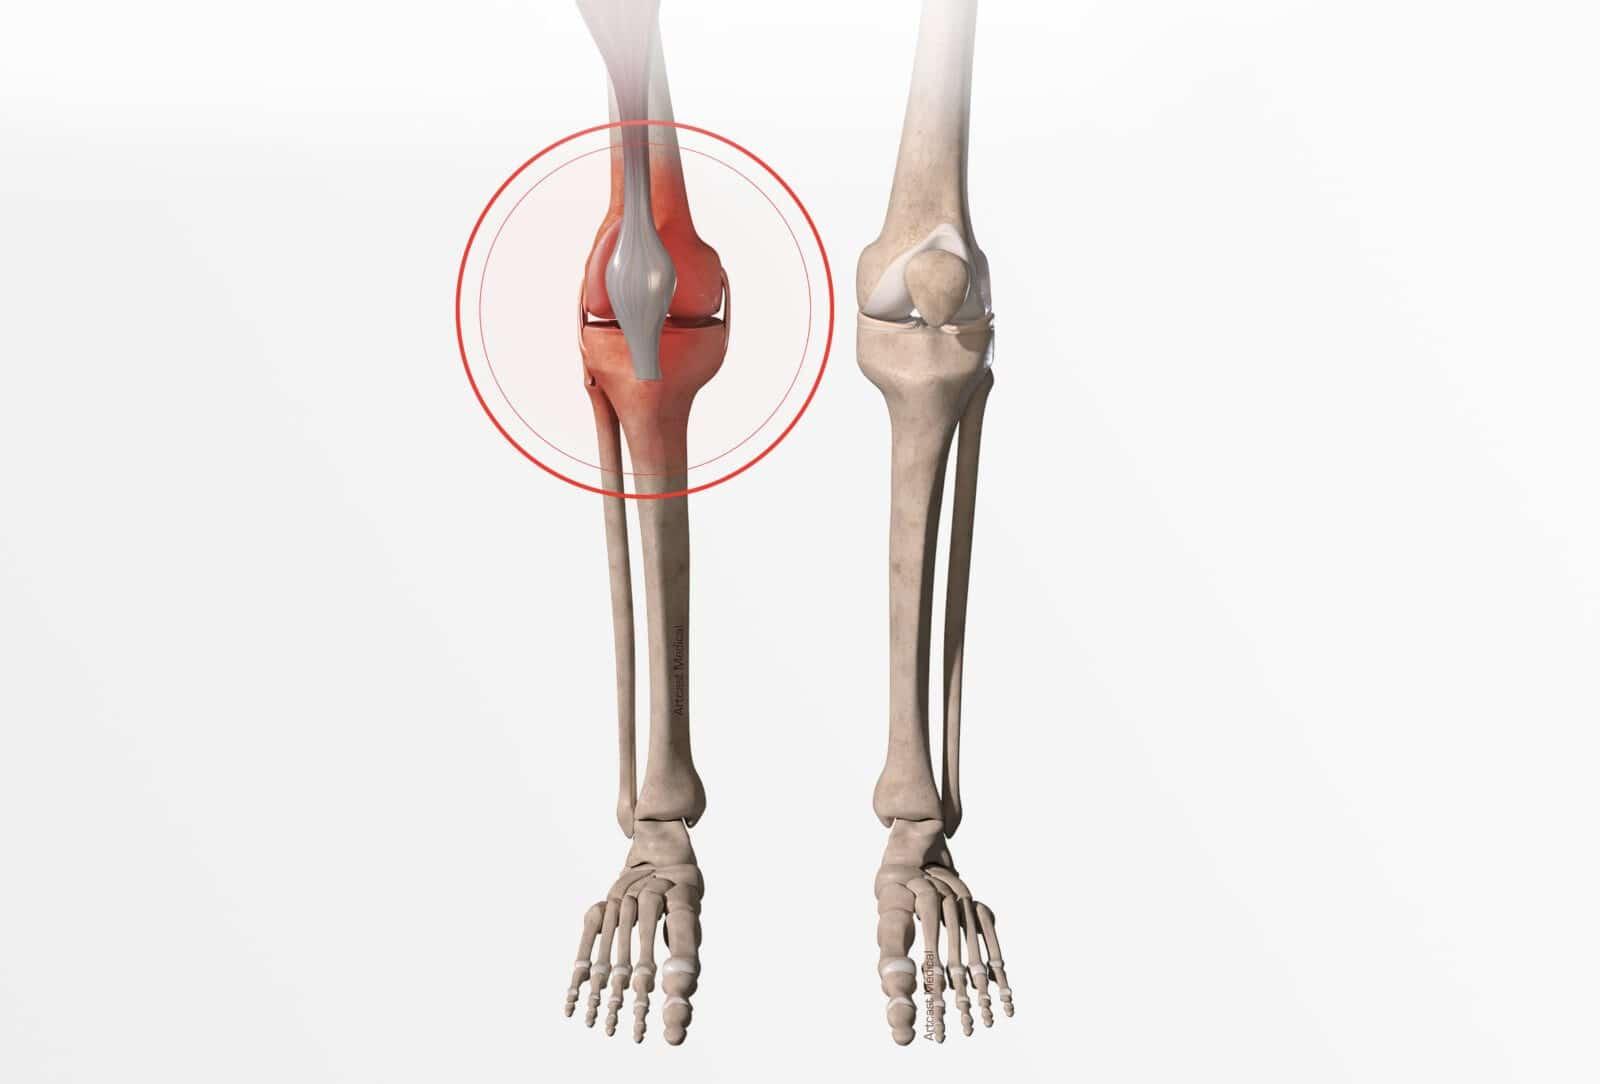 Traitement fracture du genou (fracture du plateau tibial et de la rotule) à Paris